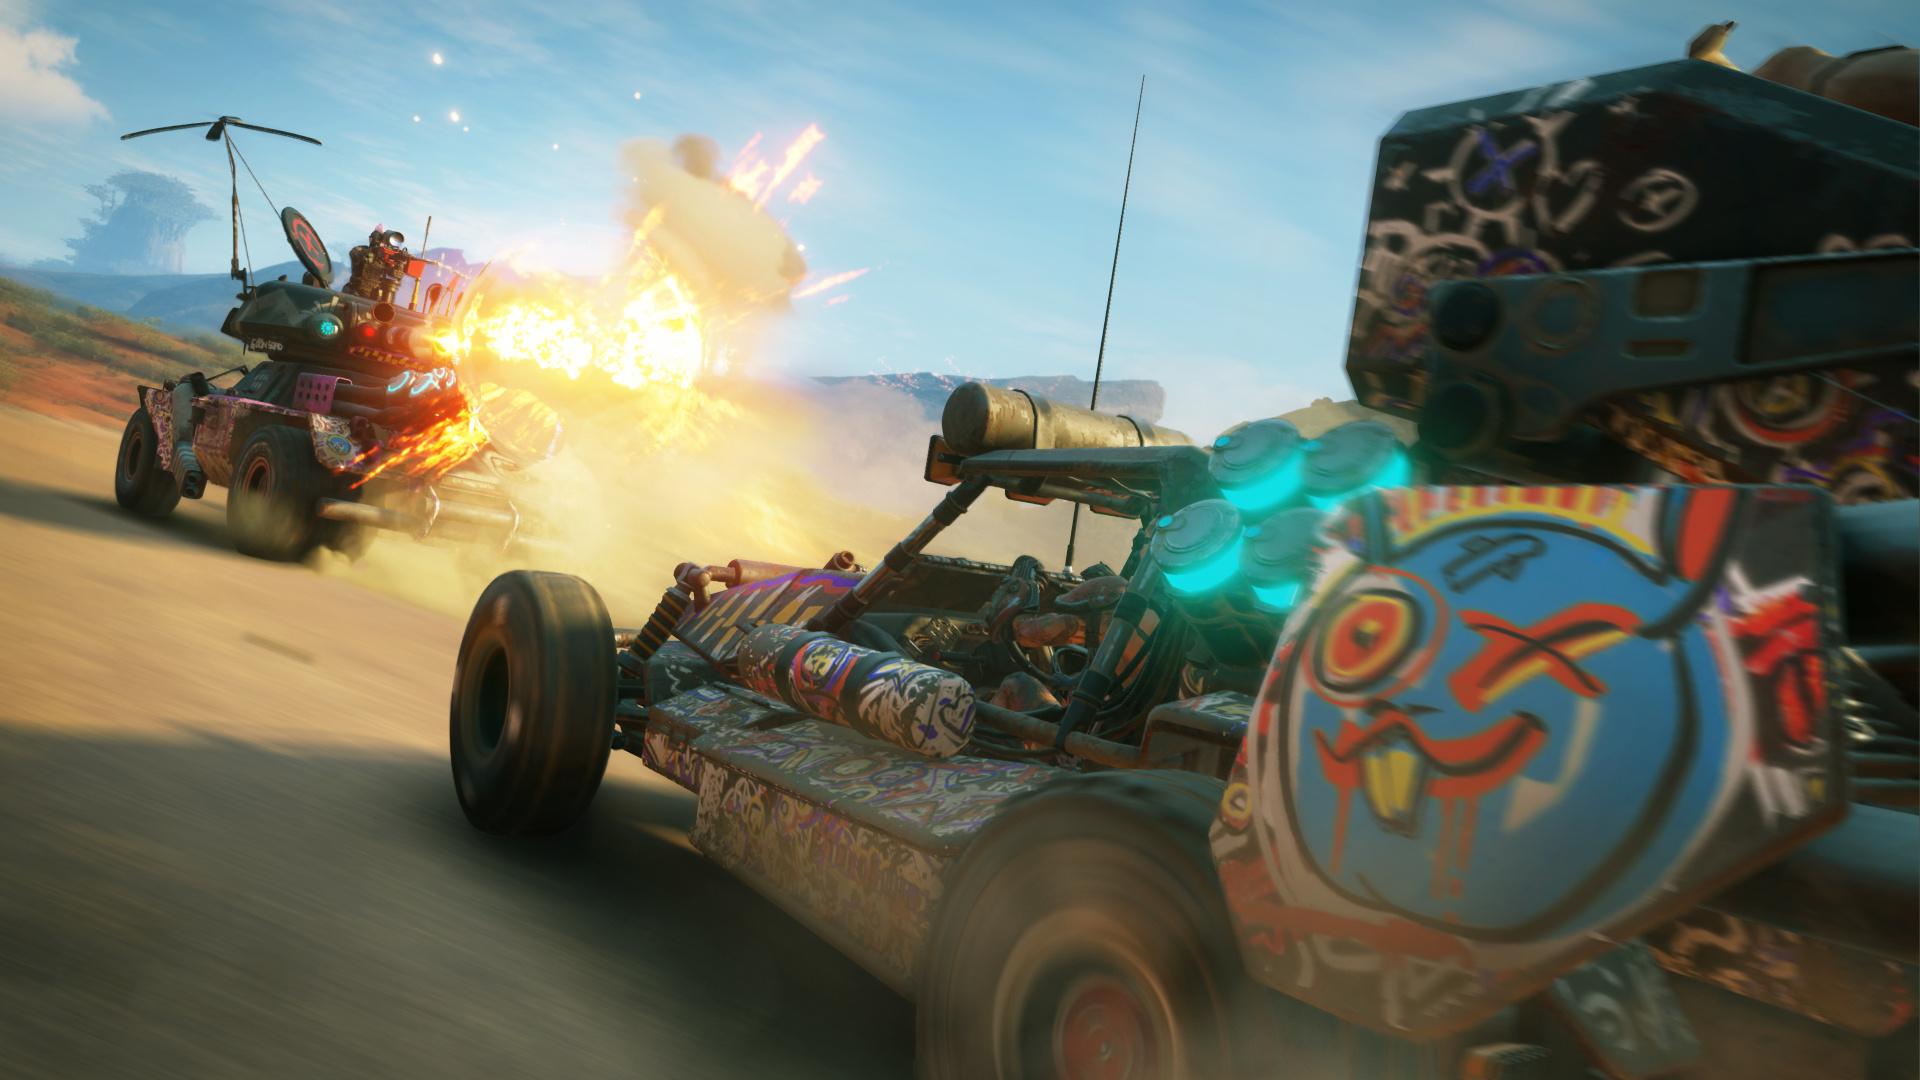 Rage 2 vehicles